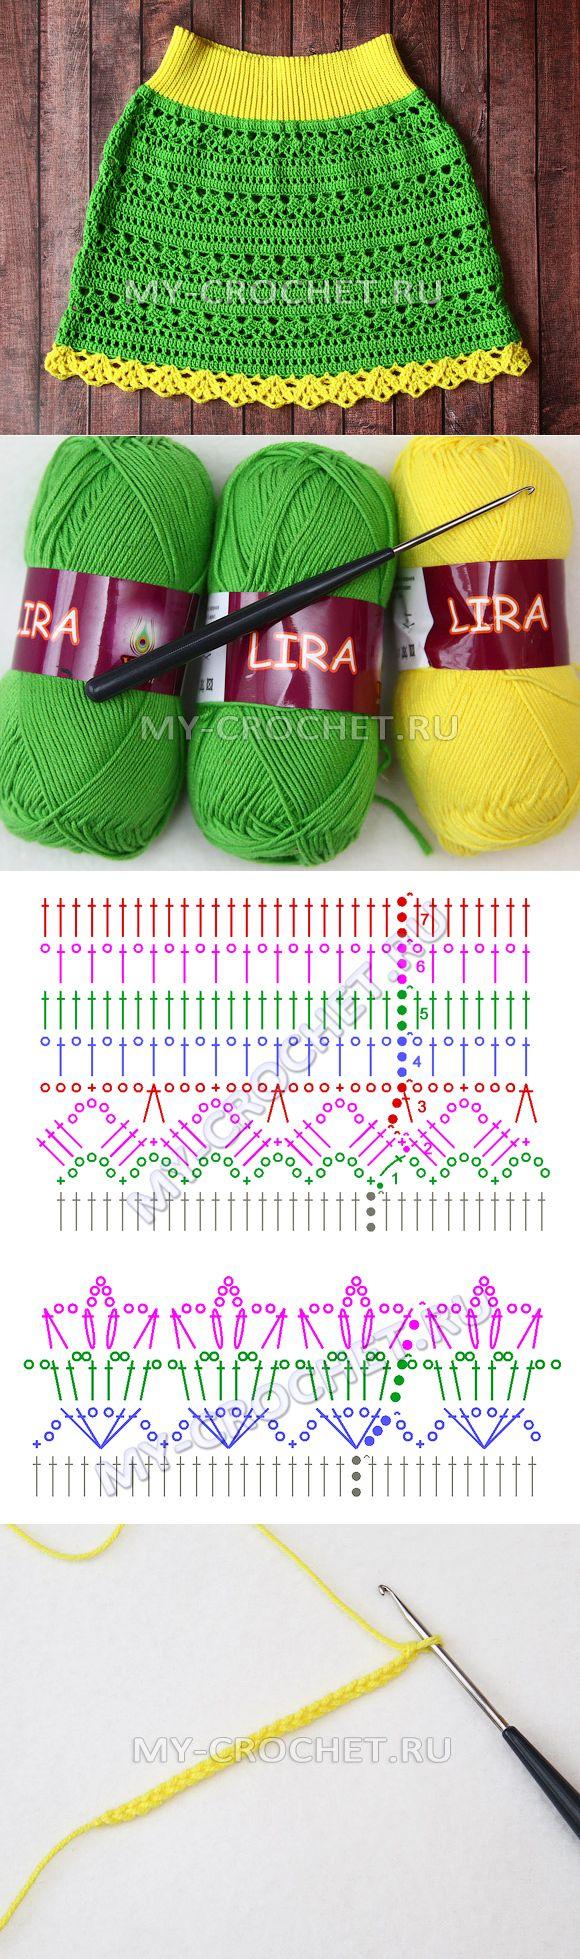 my-crochet.ru